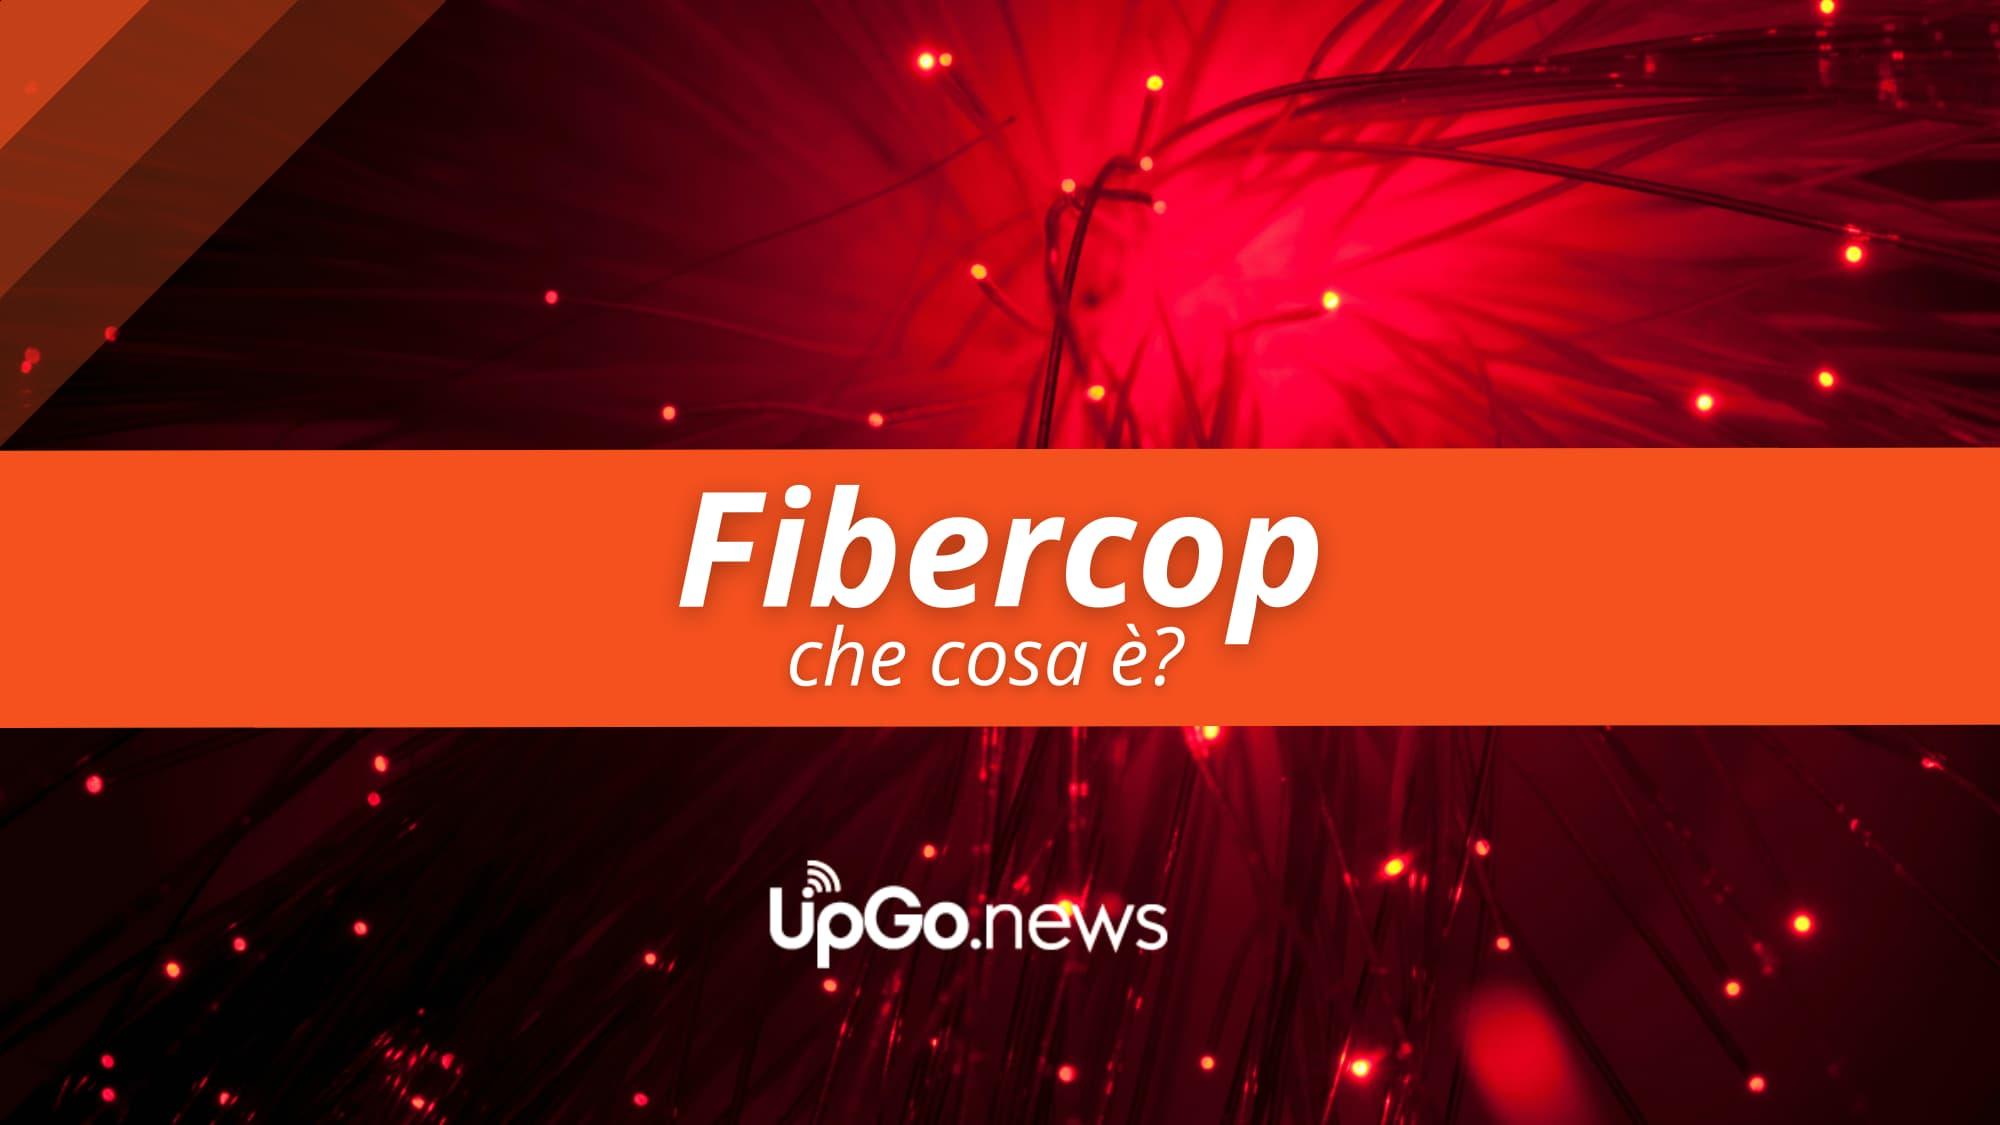 Fibercop cos'è?